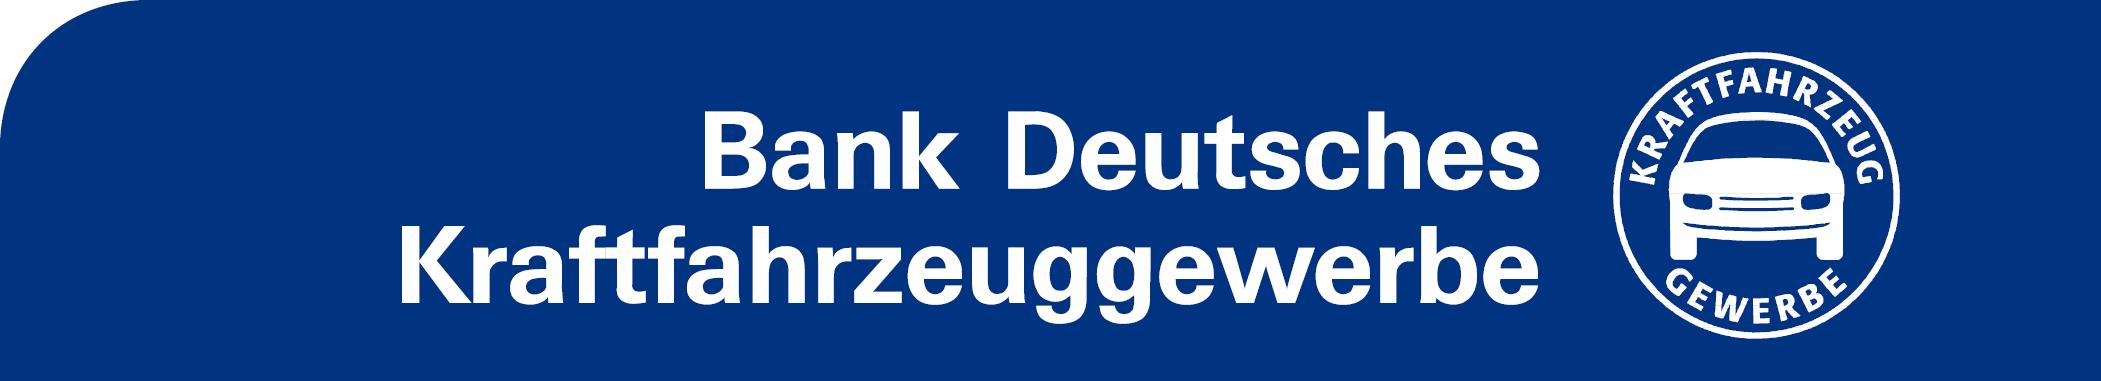 Bank Deutsches Kraftfahrzeuggewerbe GmbH (BDK)